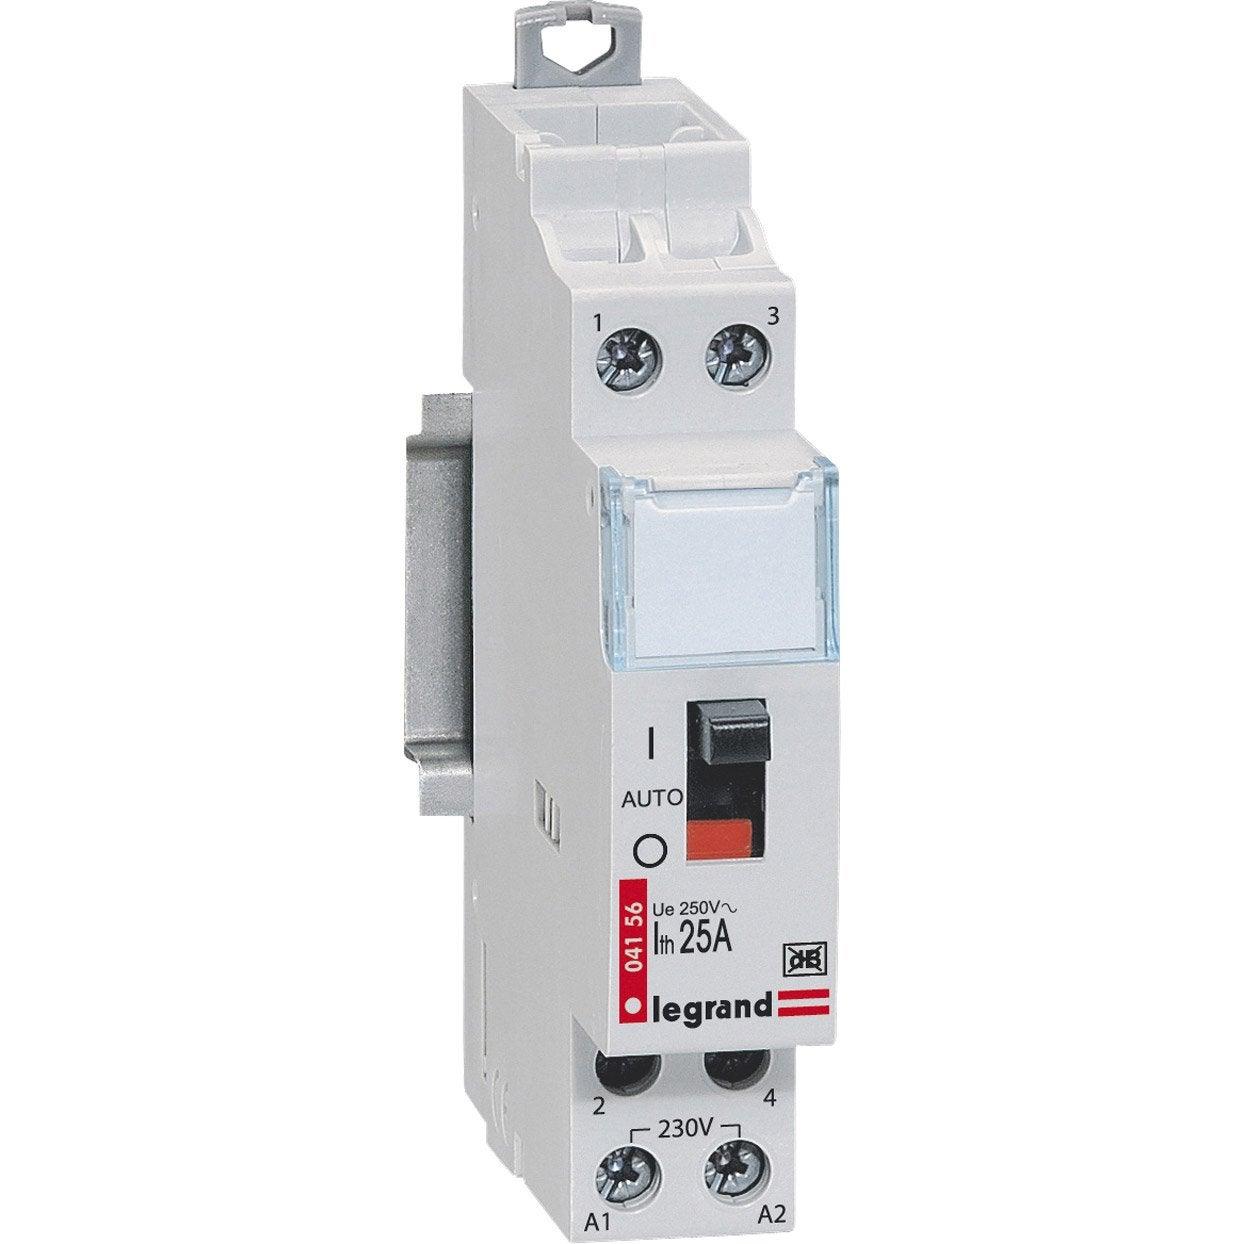 Contacteur legrand 230 v 25 a leroy merlin for Interrupteur exterieur legrand